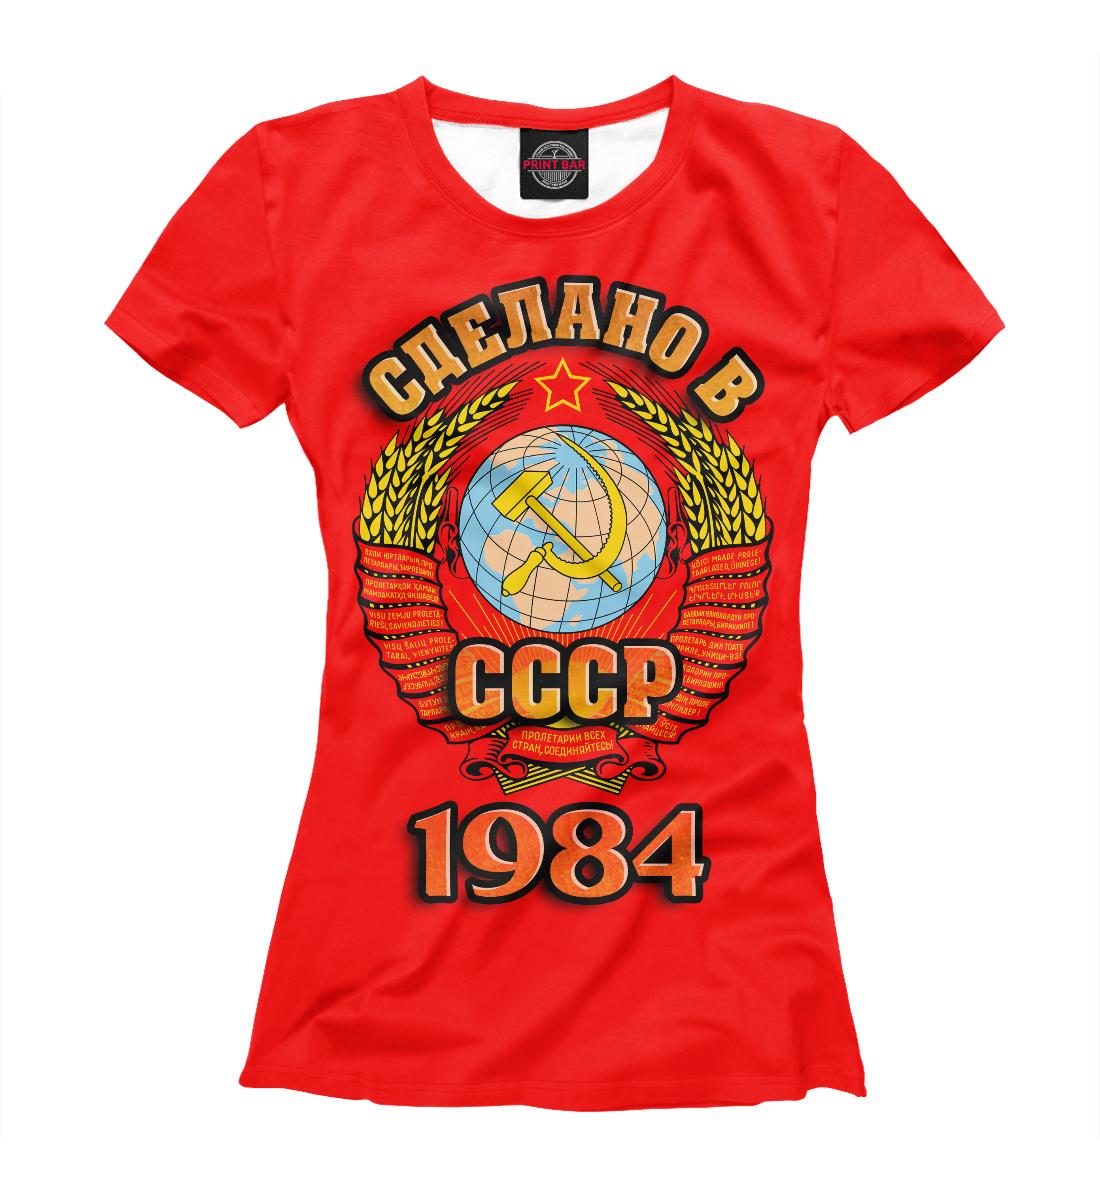 Купить Сделано в 1984, Printbar, Футболки, DVC-917749-fut-1